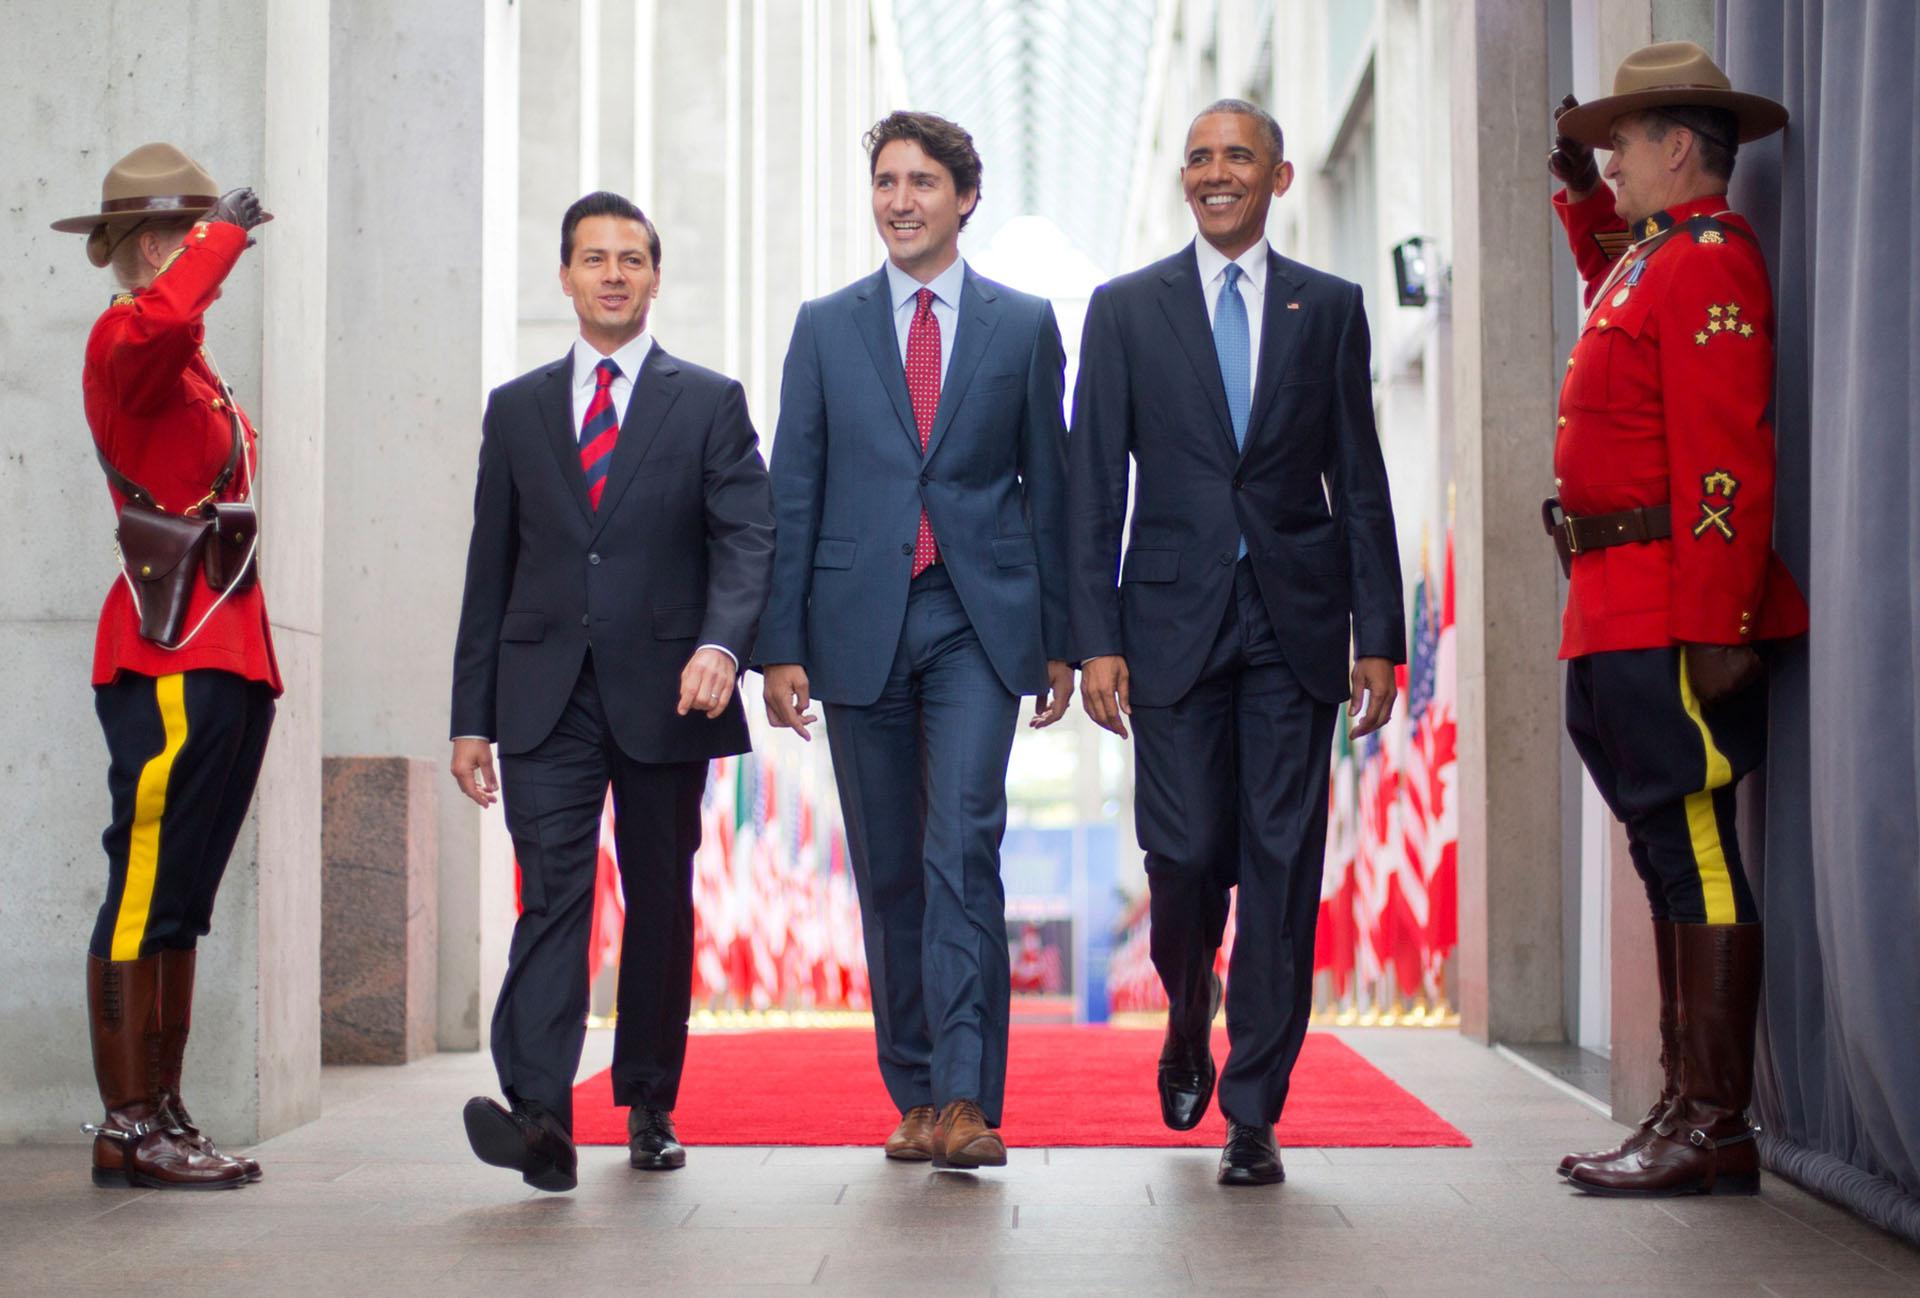 Los temas de energía limpia y el clima fueron el centro de atención cuando el presidente Obama se reunió con el presidente de México, Enrique Peña Nieto (izda.), y el presidente de Canadá Justin Trudeau (centro), en Ottawa, Canadá, en junio de 2016 durante la Cumbre de Líderes de América del Norte. Canadá también fue el primer país que el presidente Obama visitó después de asumir el cargo en 2009.